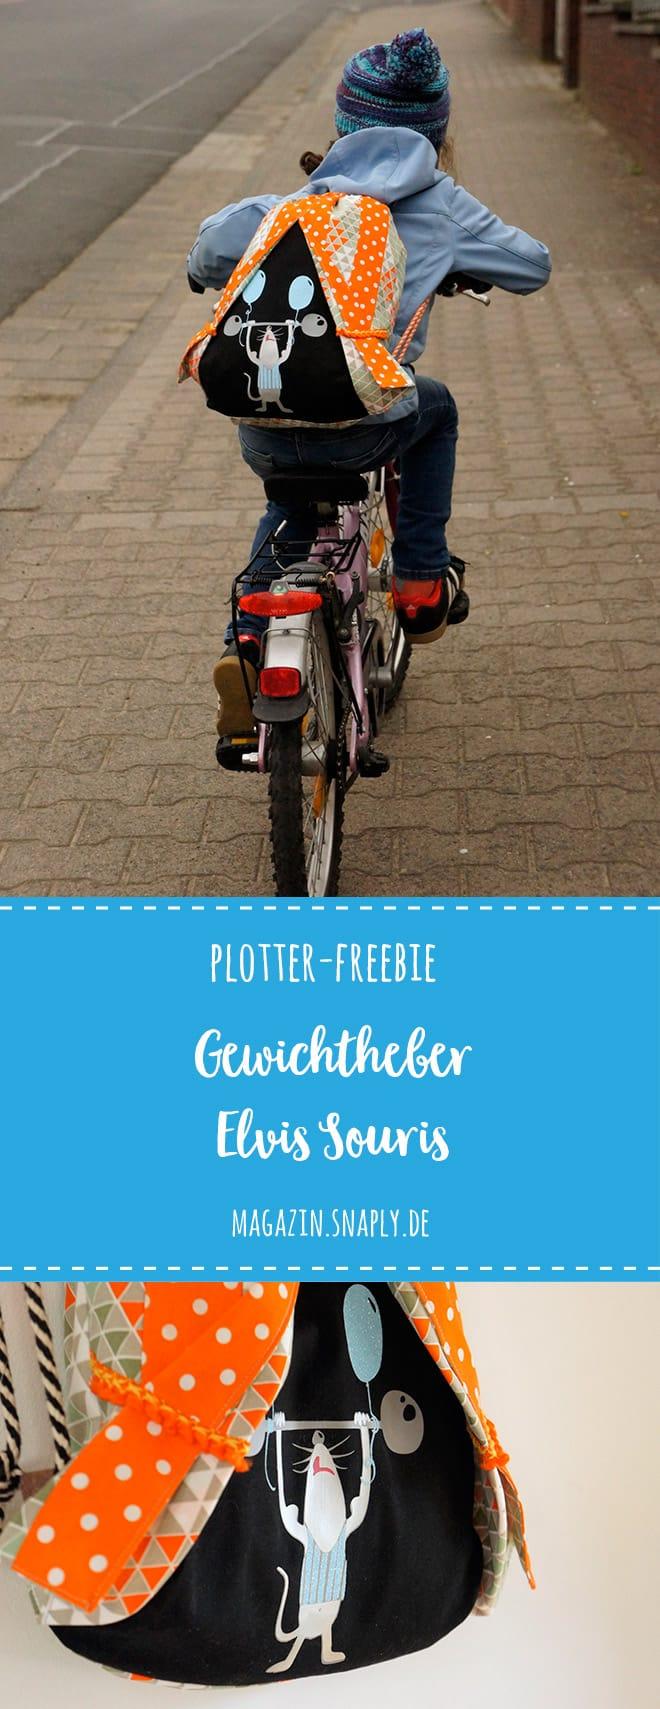 Plotter-Freebie Gewichtheber Elvis Souris